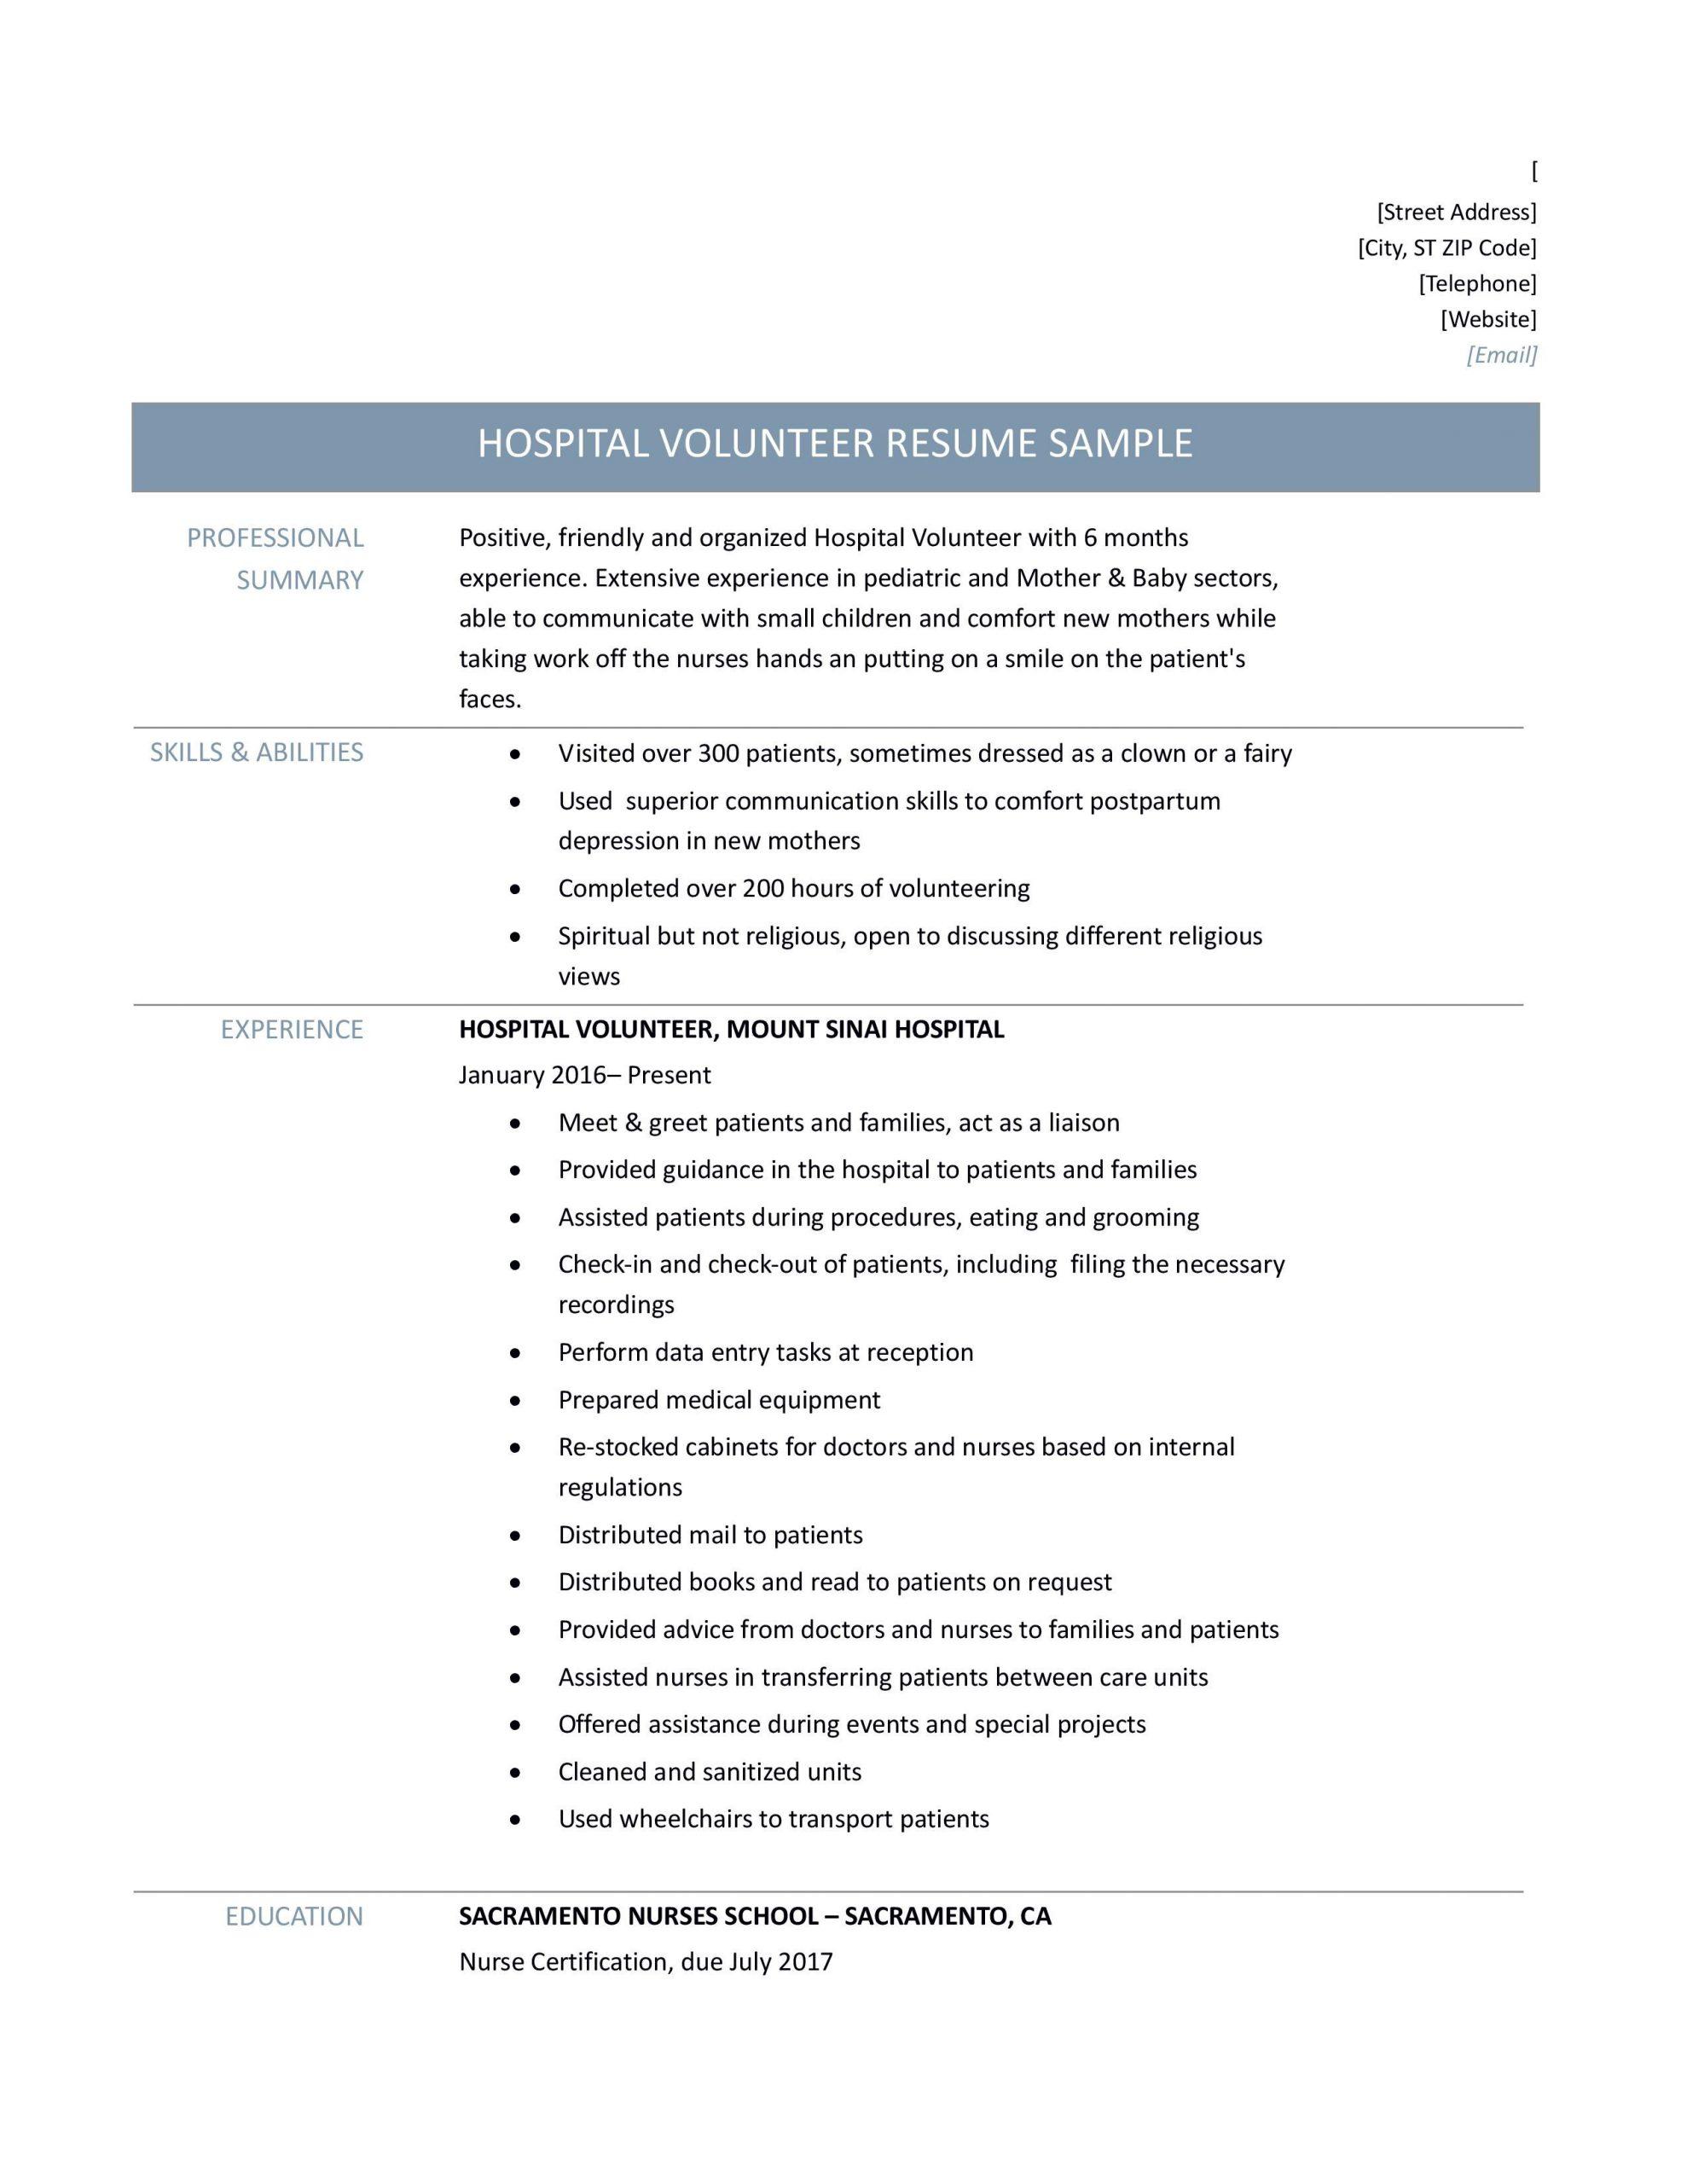 Hospital Volunteer Duties Resume Hospital Volunteer Resume Samples Tips and Templates